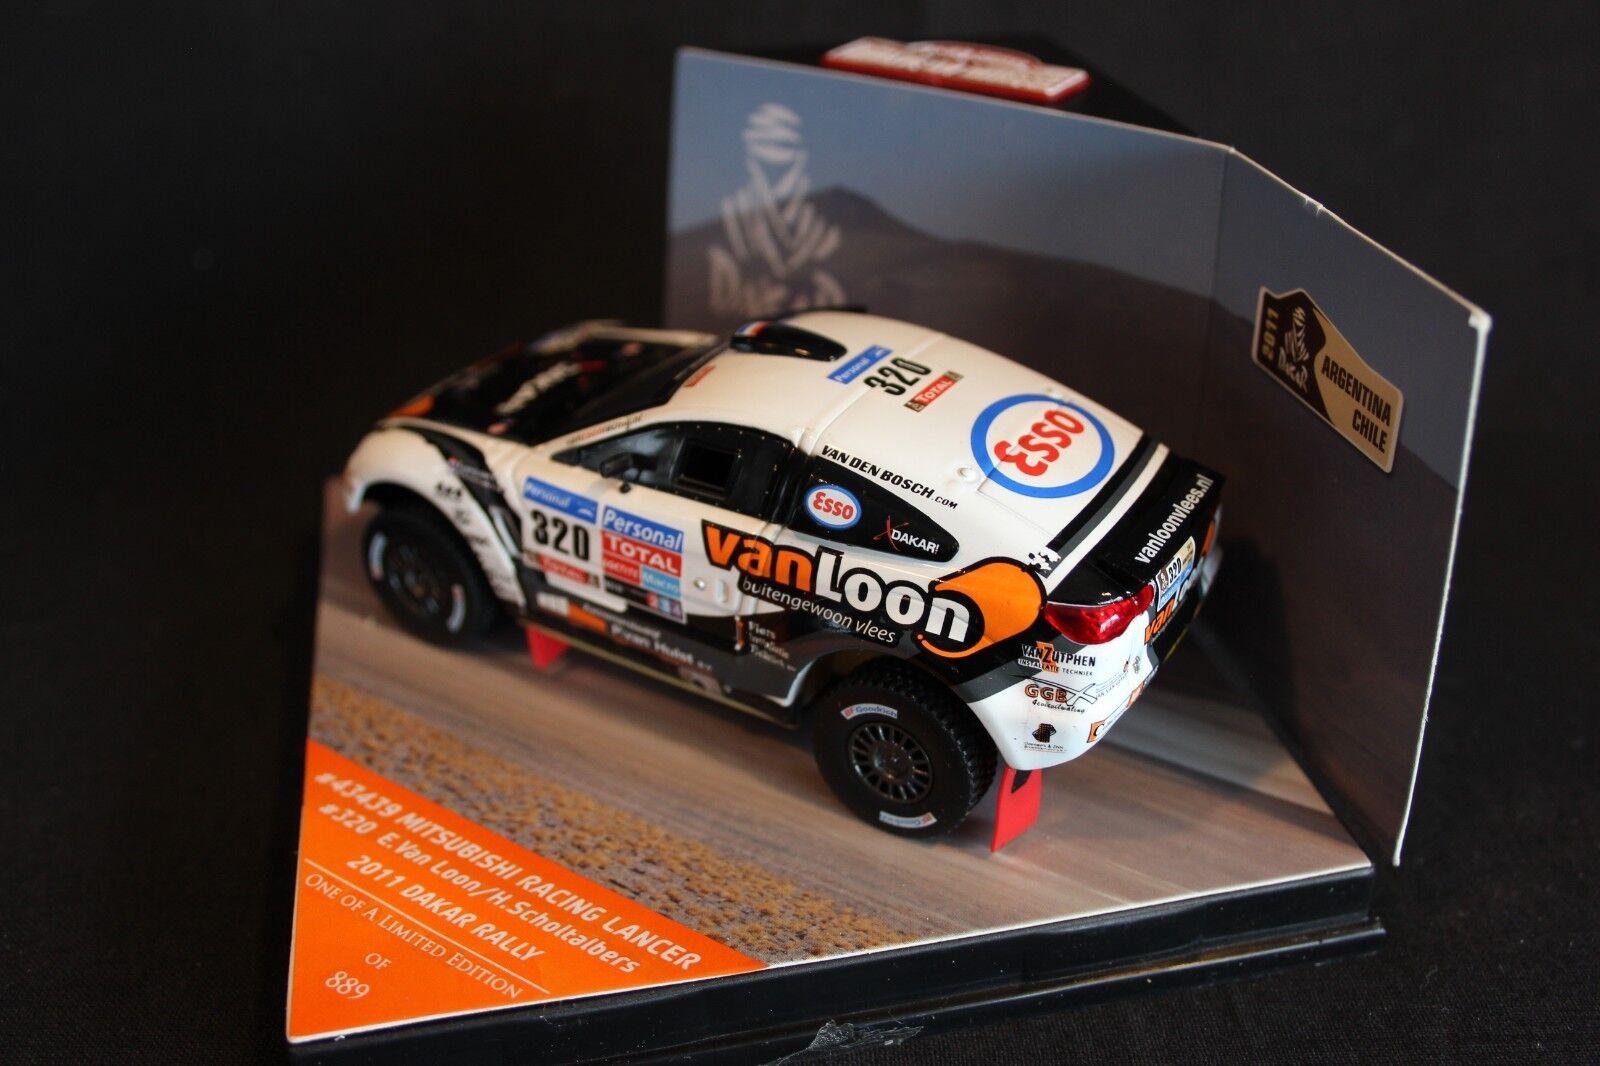 Vitesse Mitsubishi Racing Racing Racing Lancer 2011 1 43 v. Loon   Scholtalbers Dakar a60eb4